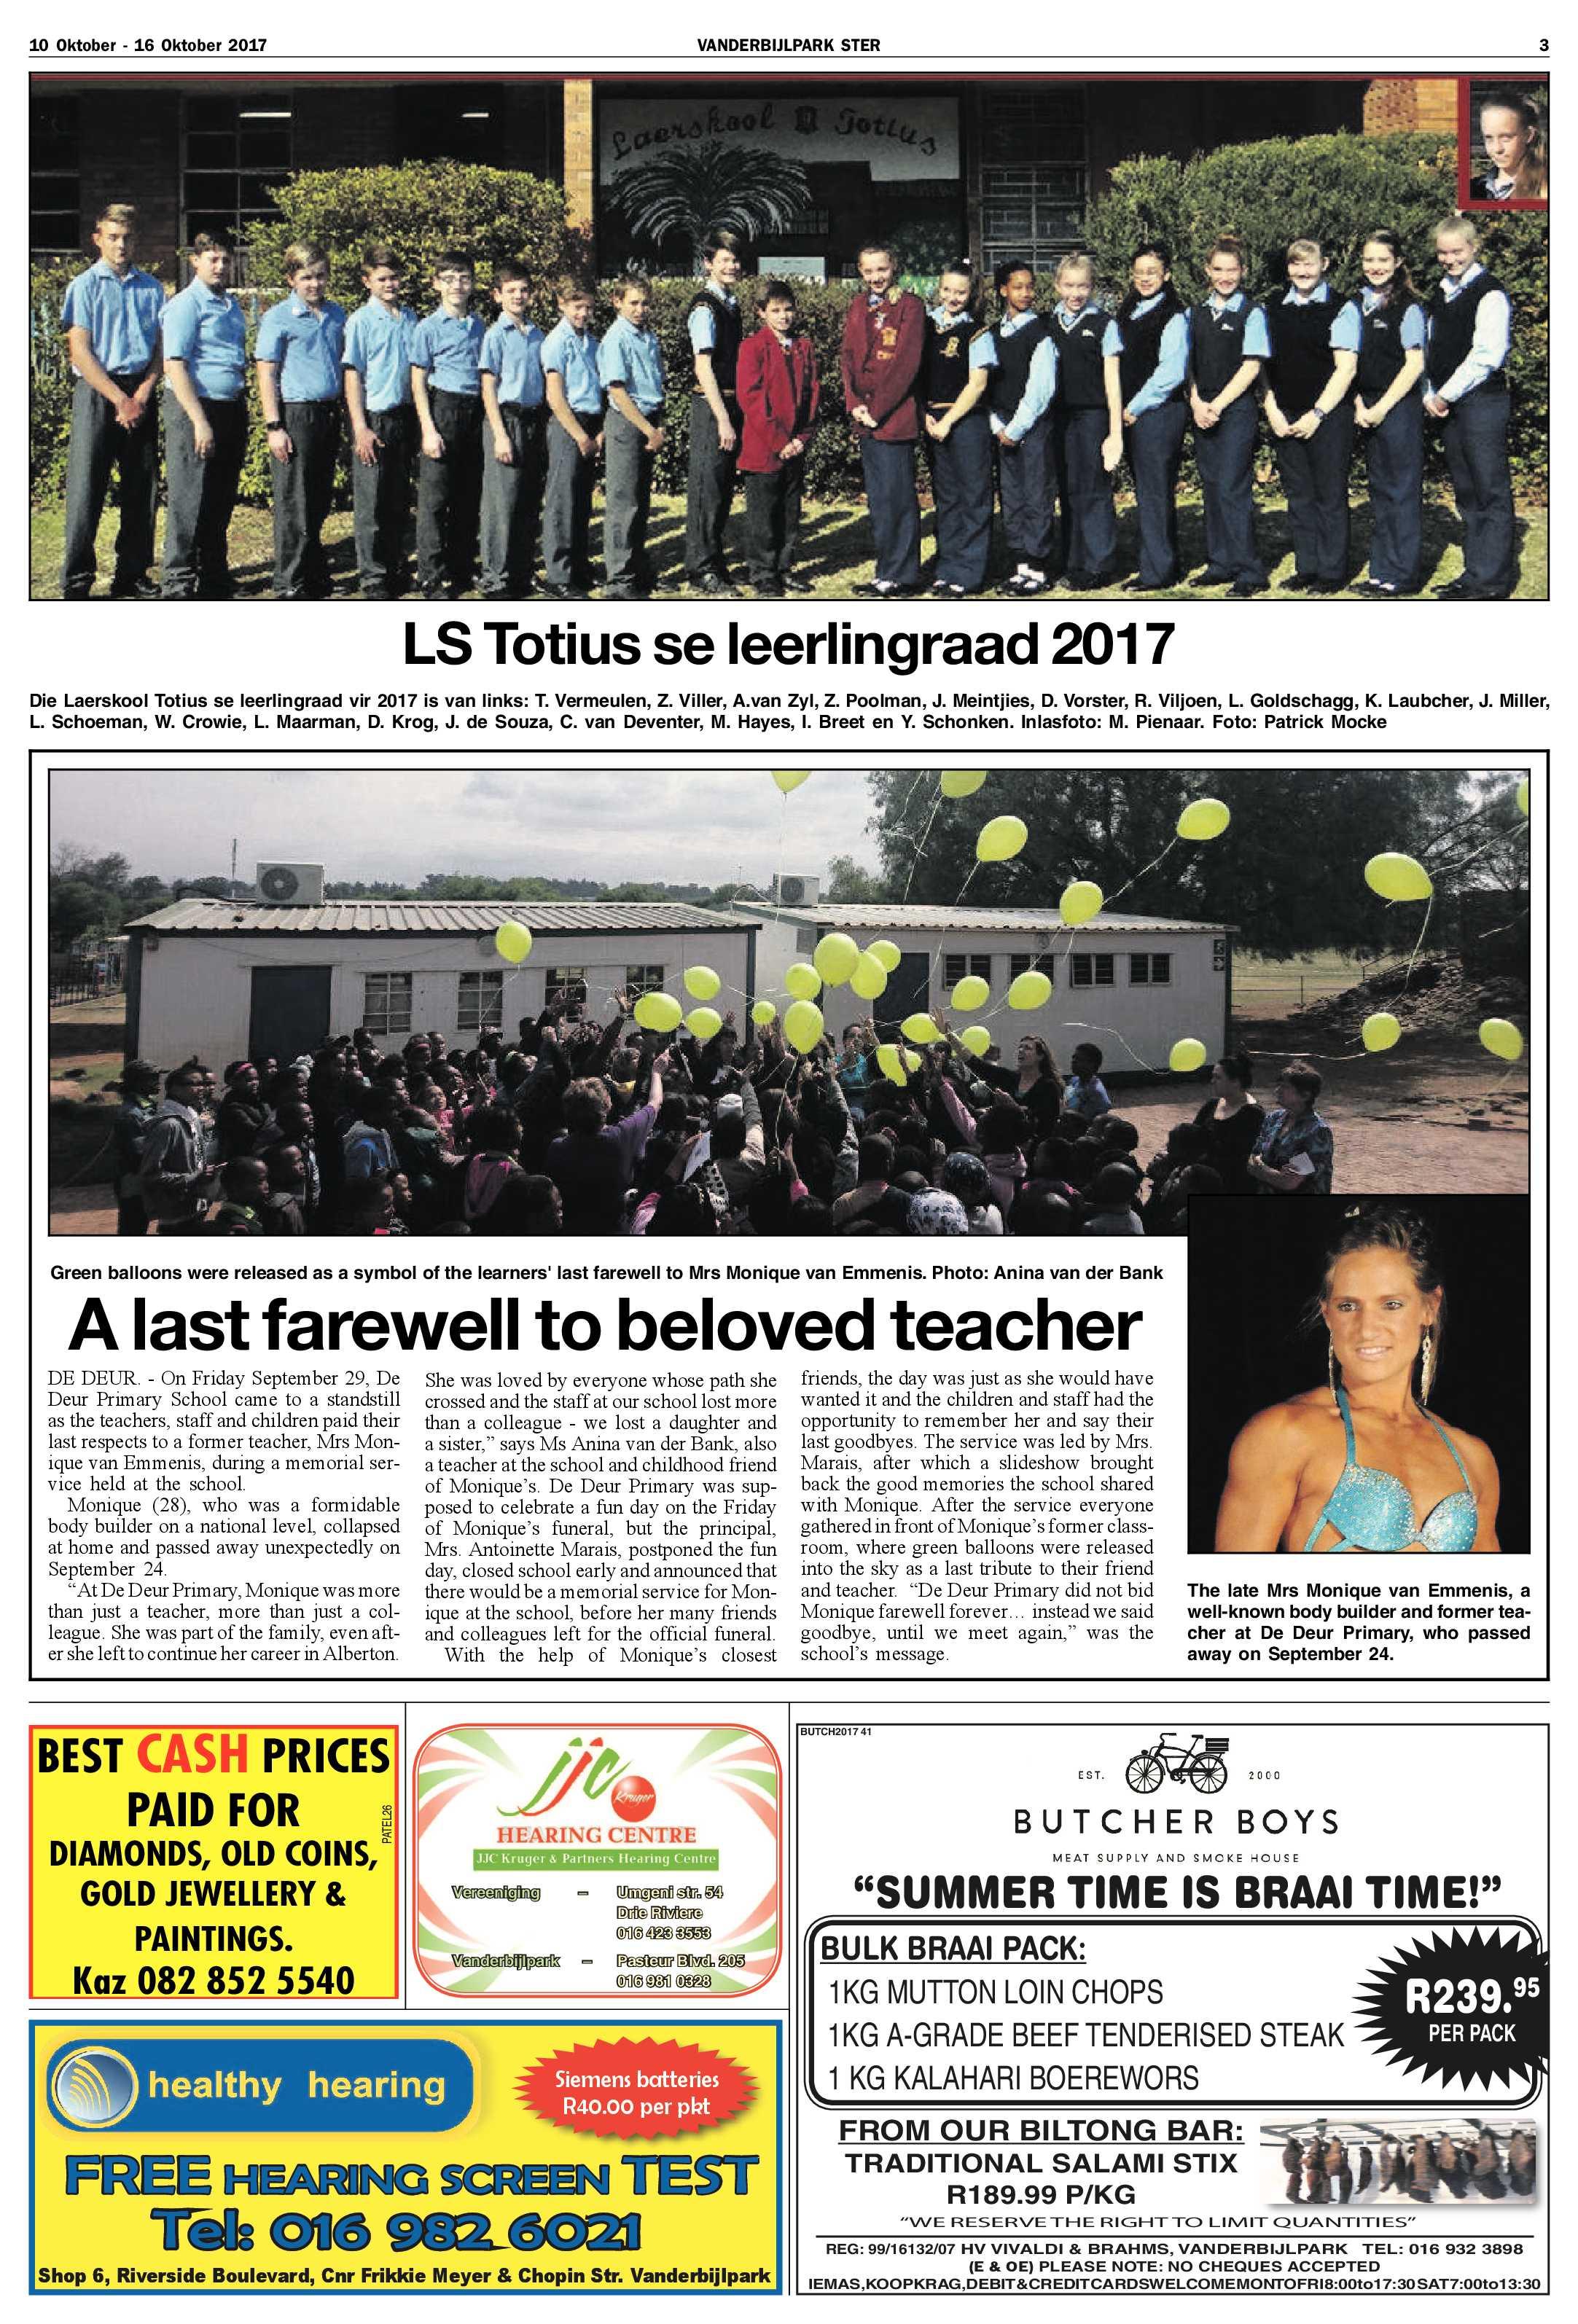 vanderbijlpark-ster-10-16-oktober-2017-epapers-page-3